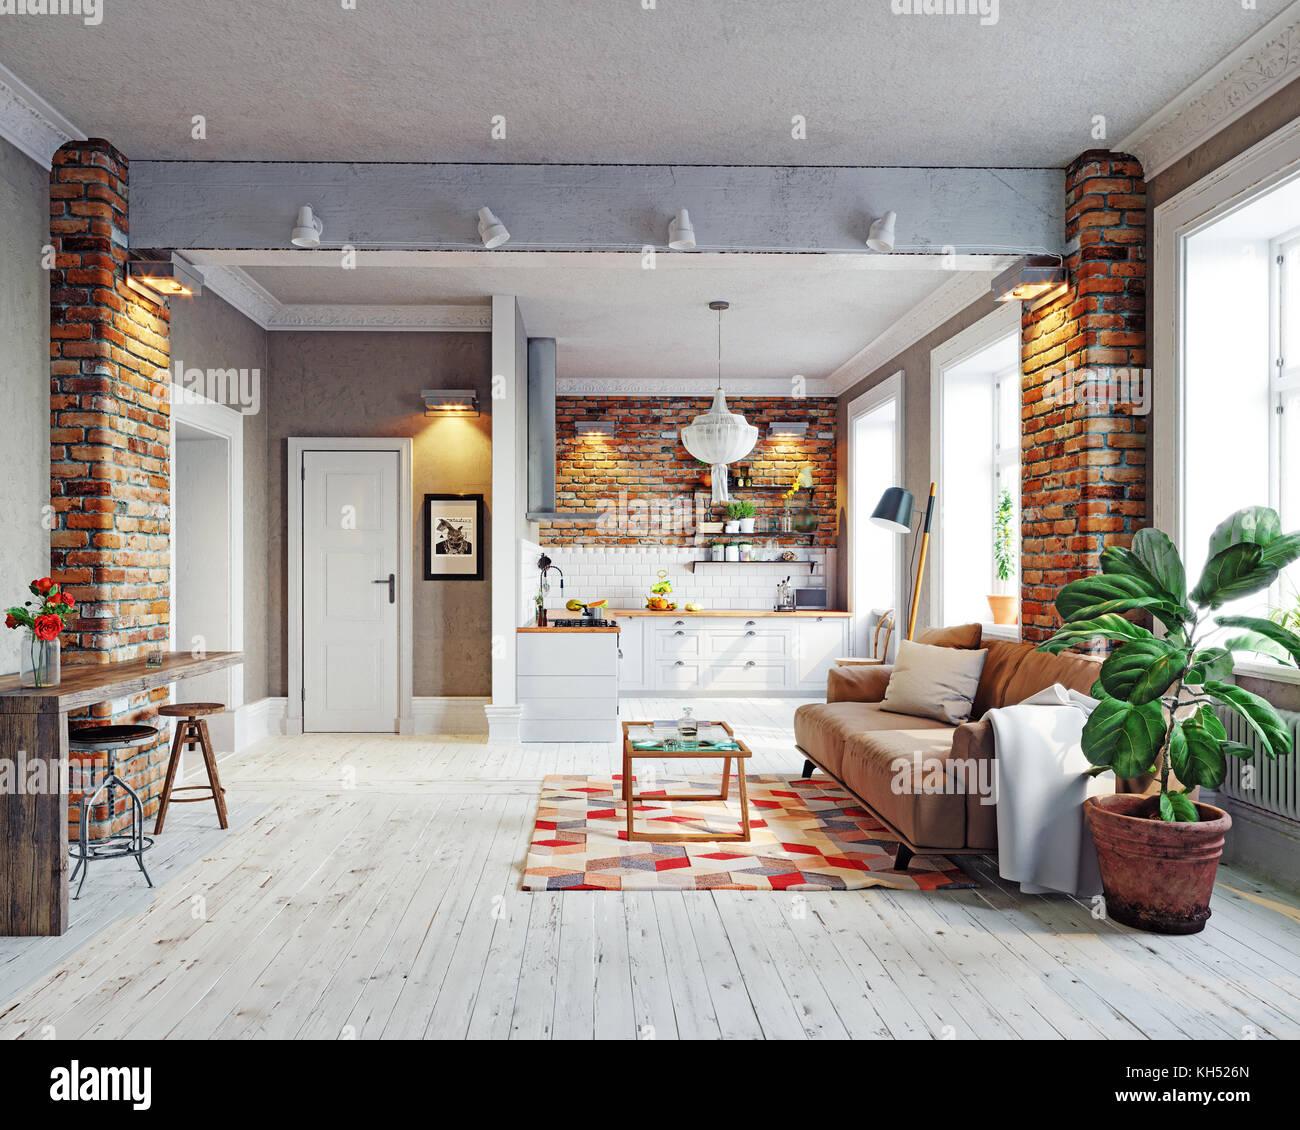 cet appartement moderne de style scandinave intrieur design concept de rendu 3d